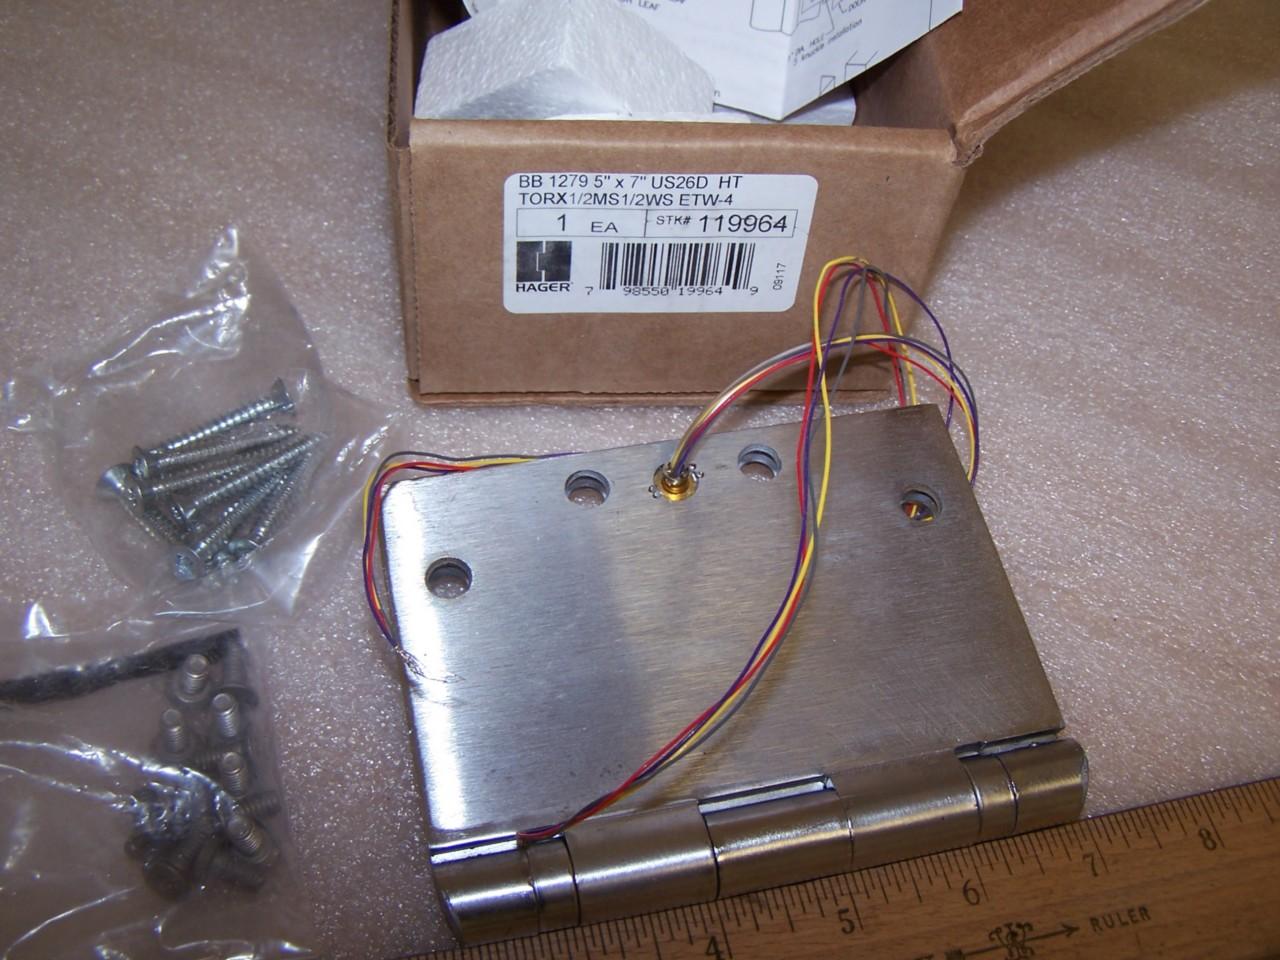 HAGER Door Hinge WideThrow Electric WTBB1279 5x7 US26D-HT-TORX1//2MS1//2WS-ETW M11